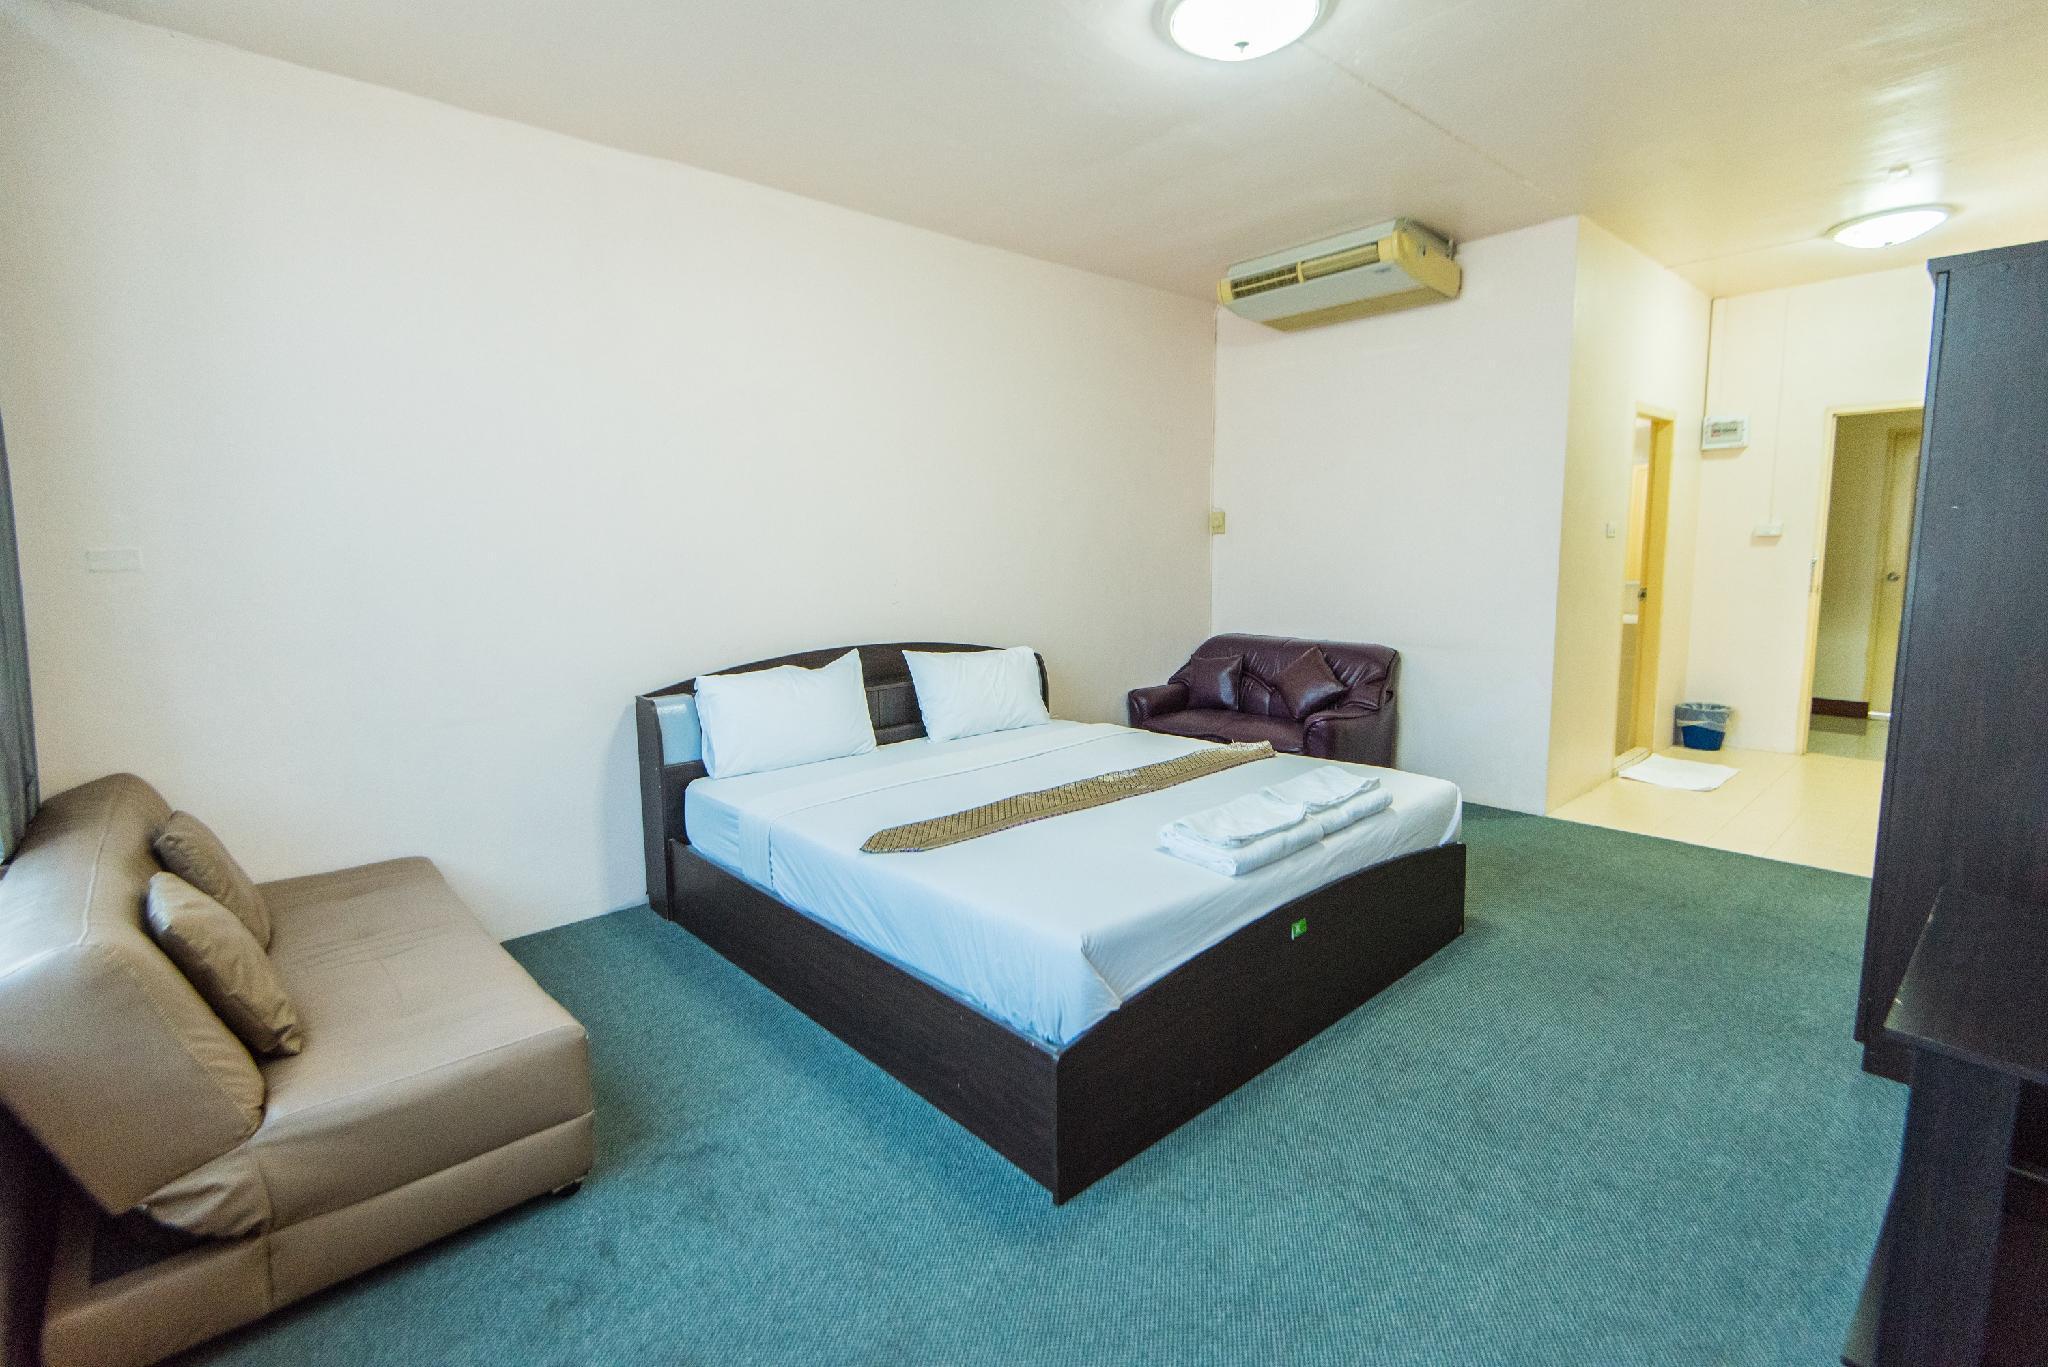 โรงแรมคิง รอยัล ทู